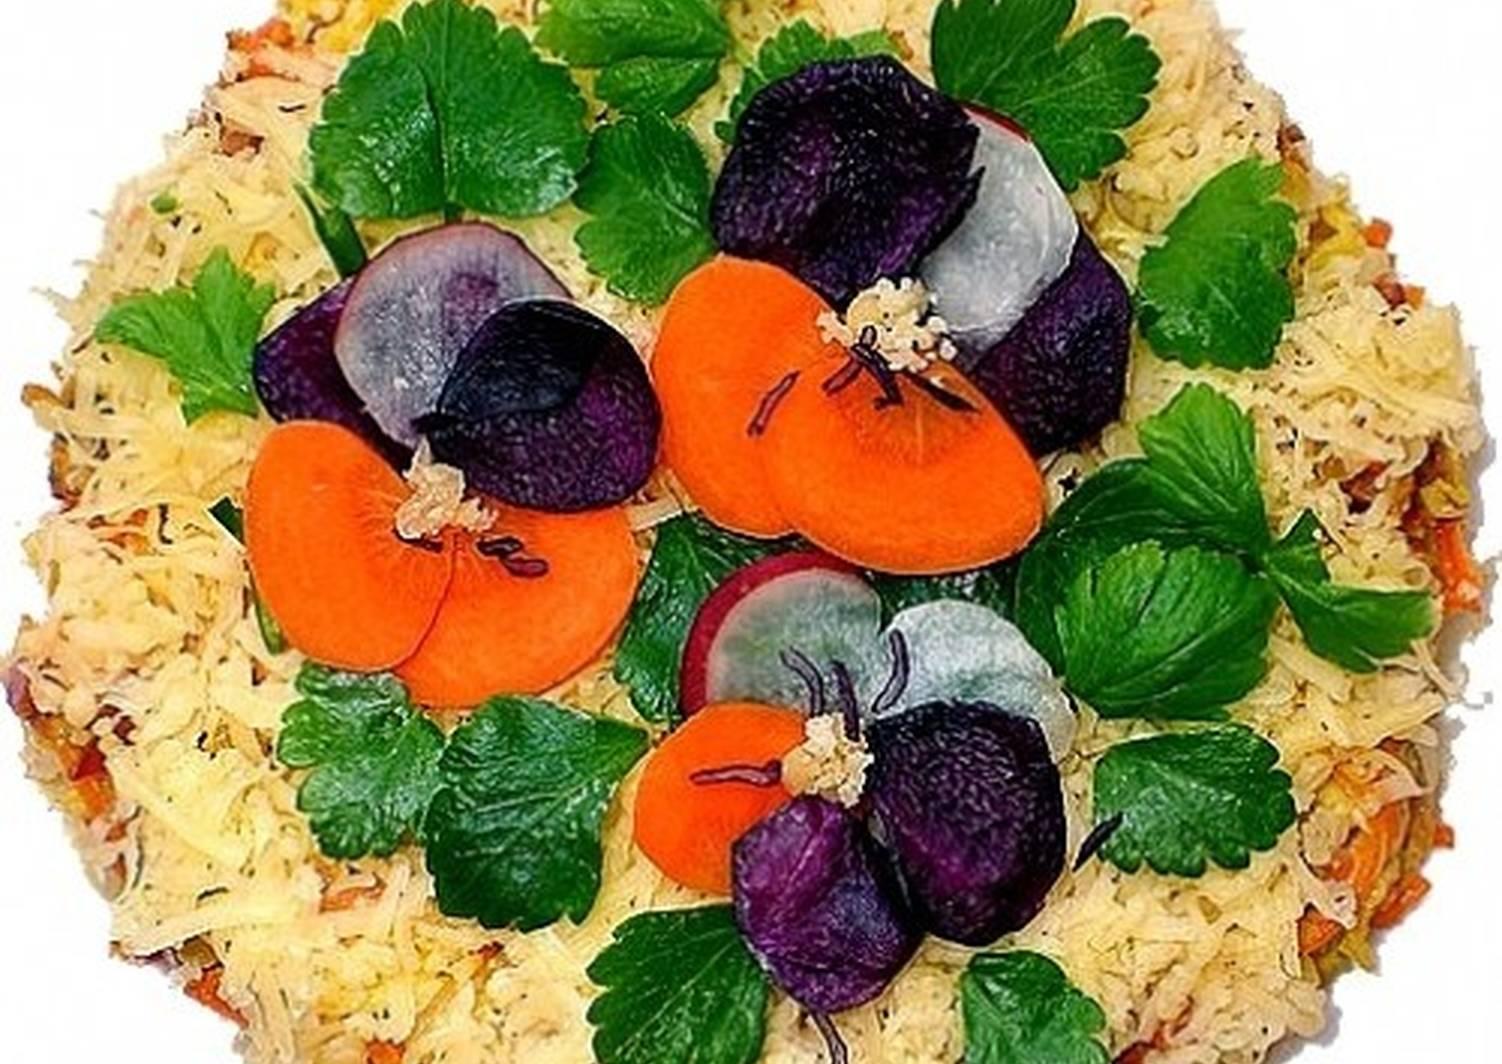 более мелкие украшение салатов в картинках бесплатно широкоформатные обои